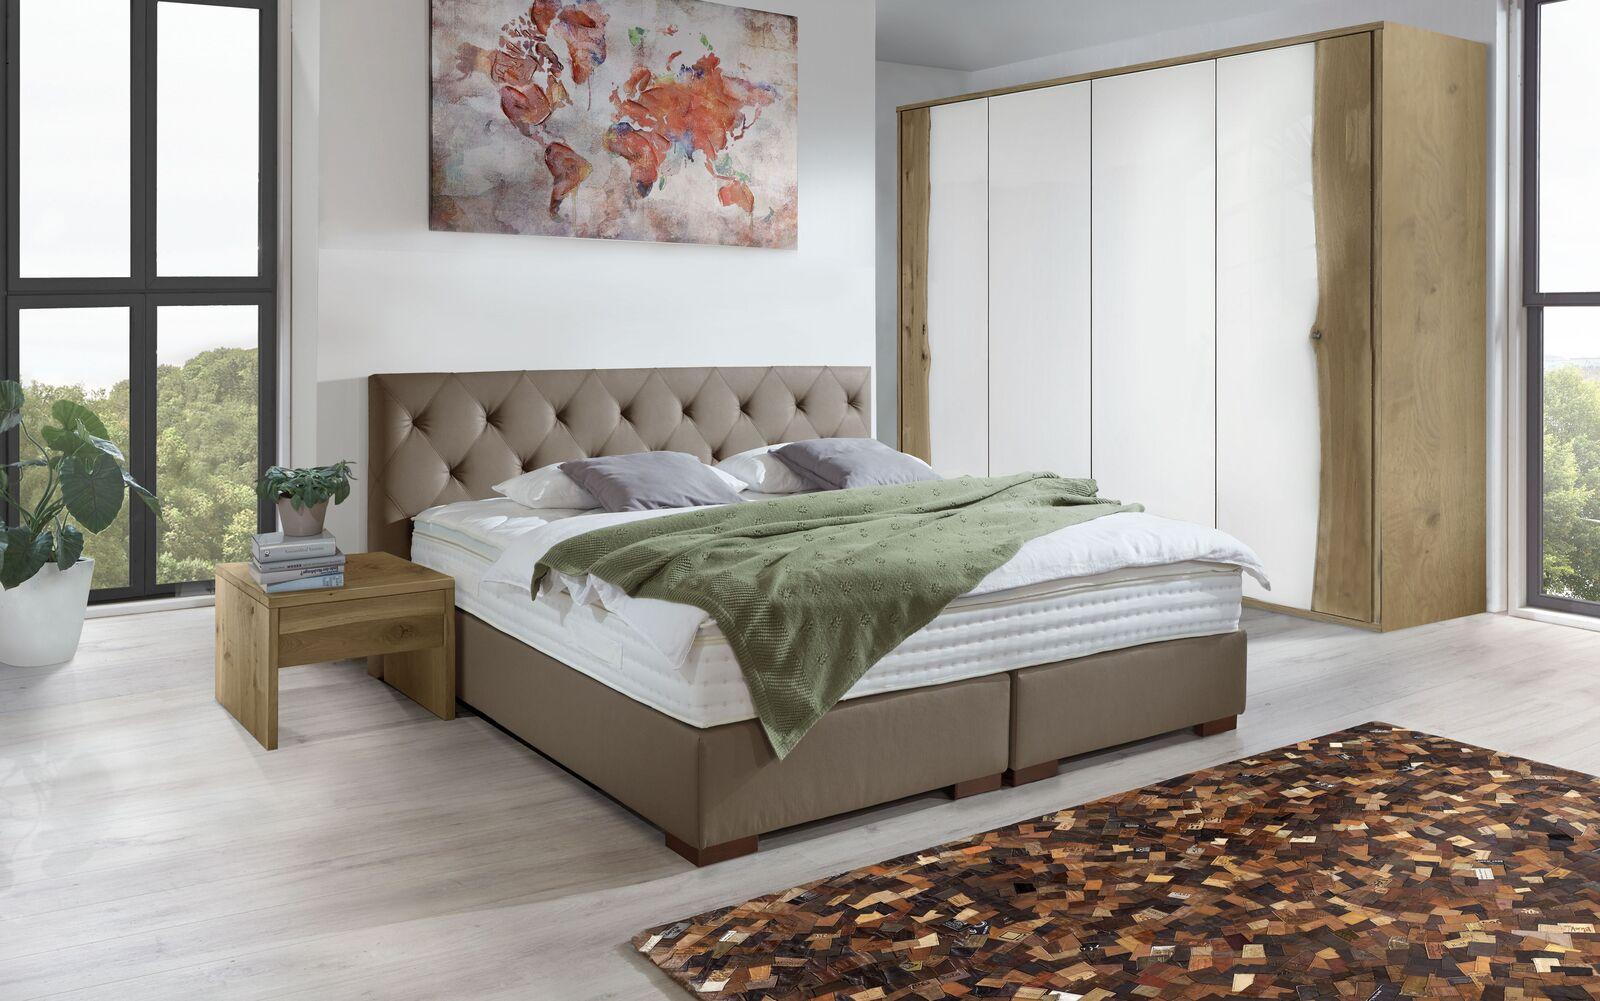 Berühmt Luxus Schlafzimmer komplett im Set kaufen bei BETTEN.de IO54